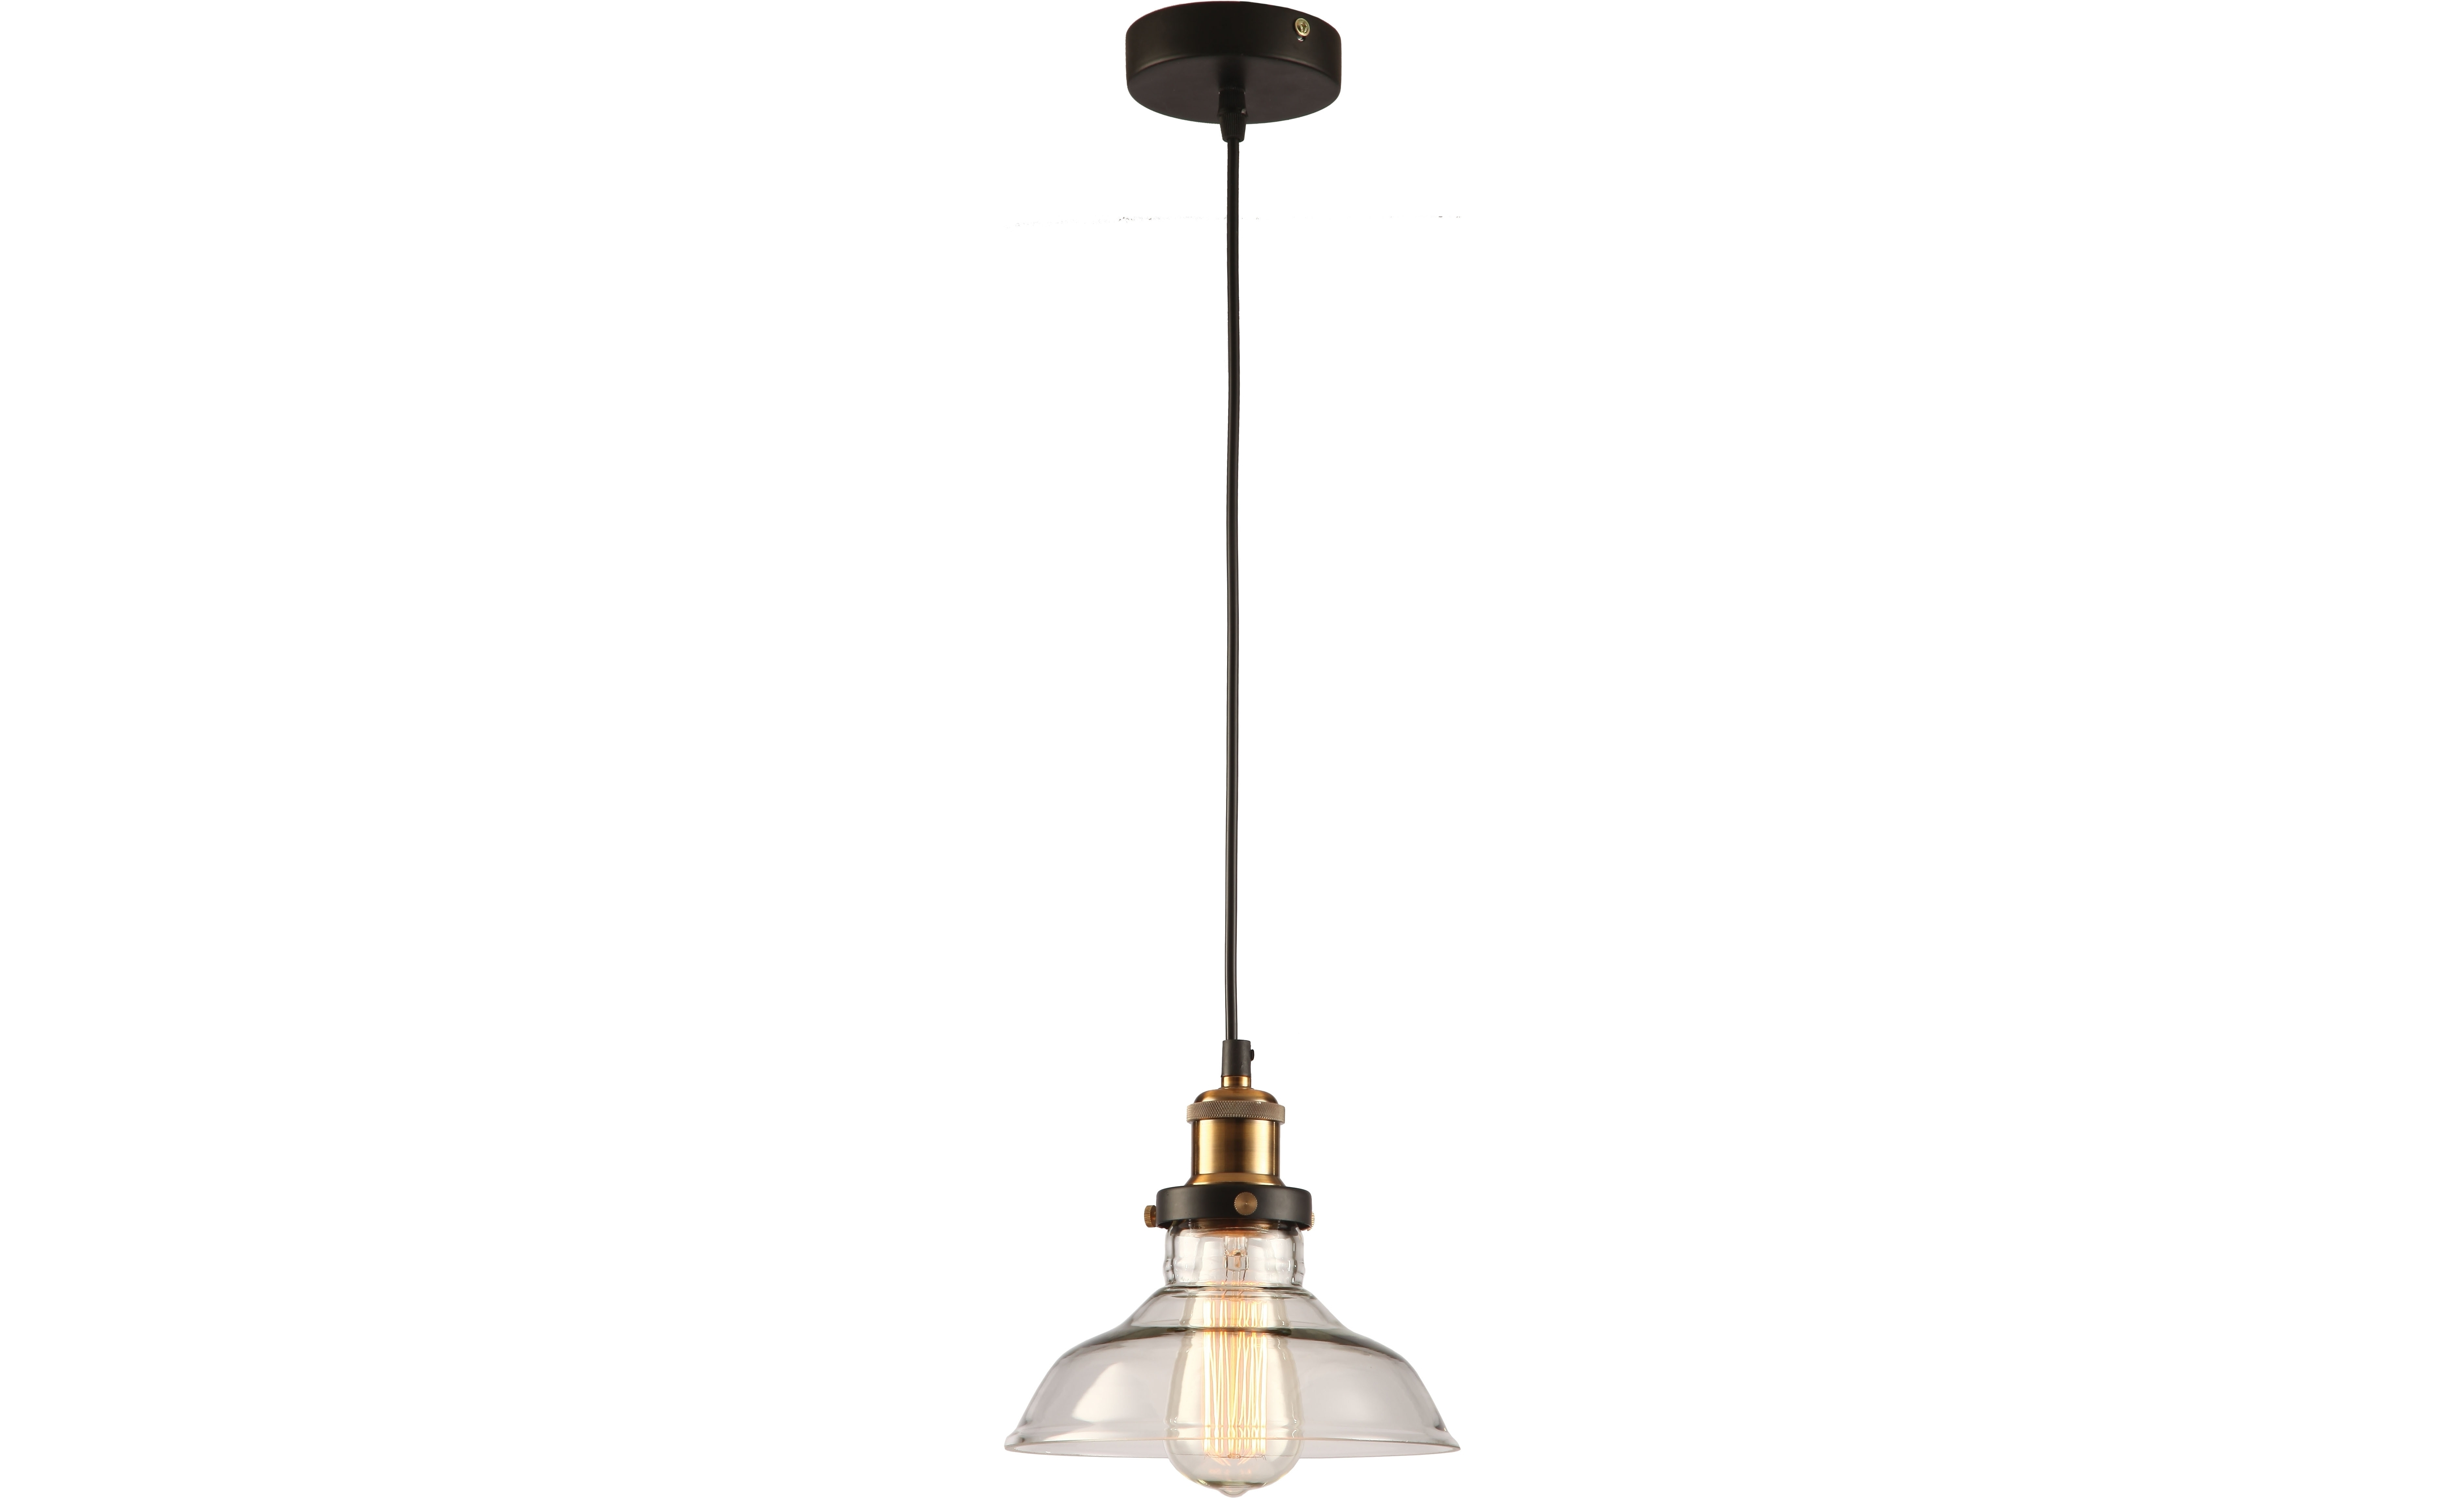 Подвесной светильникПодвесные светильники<br>Материал: металл<br>Лампочки в комплекте: 1*60W<br>Цоколь: E27<br>Цвет: черный, золото<br><br>Material: Металл<br>Height см: 120<br>Diameter см: 20